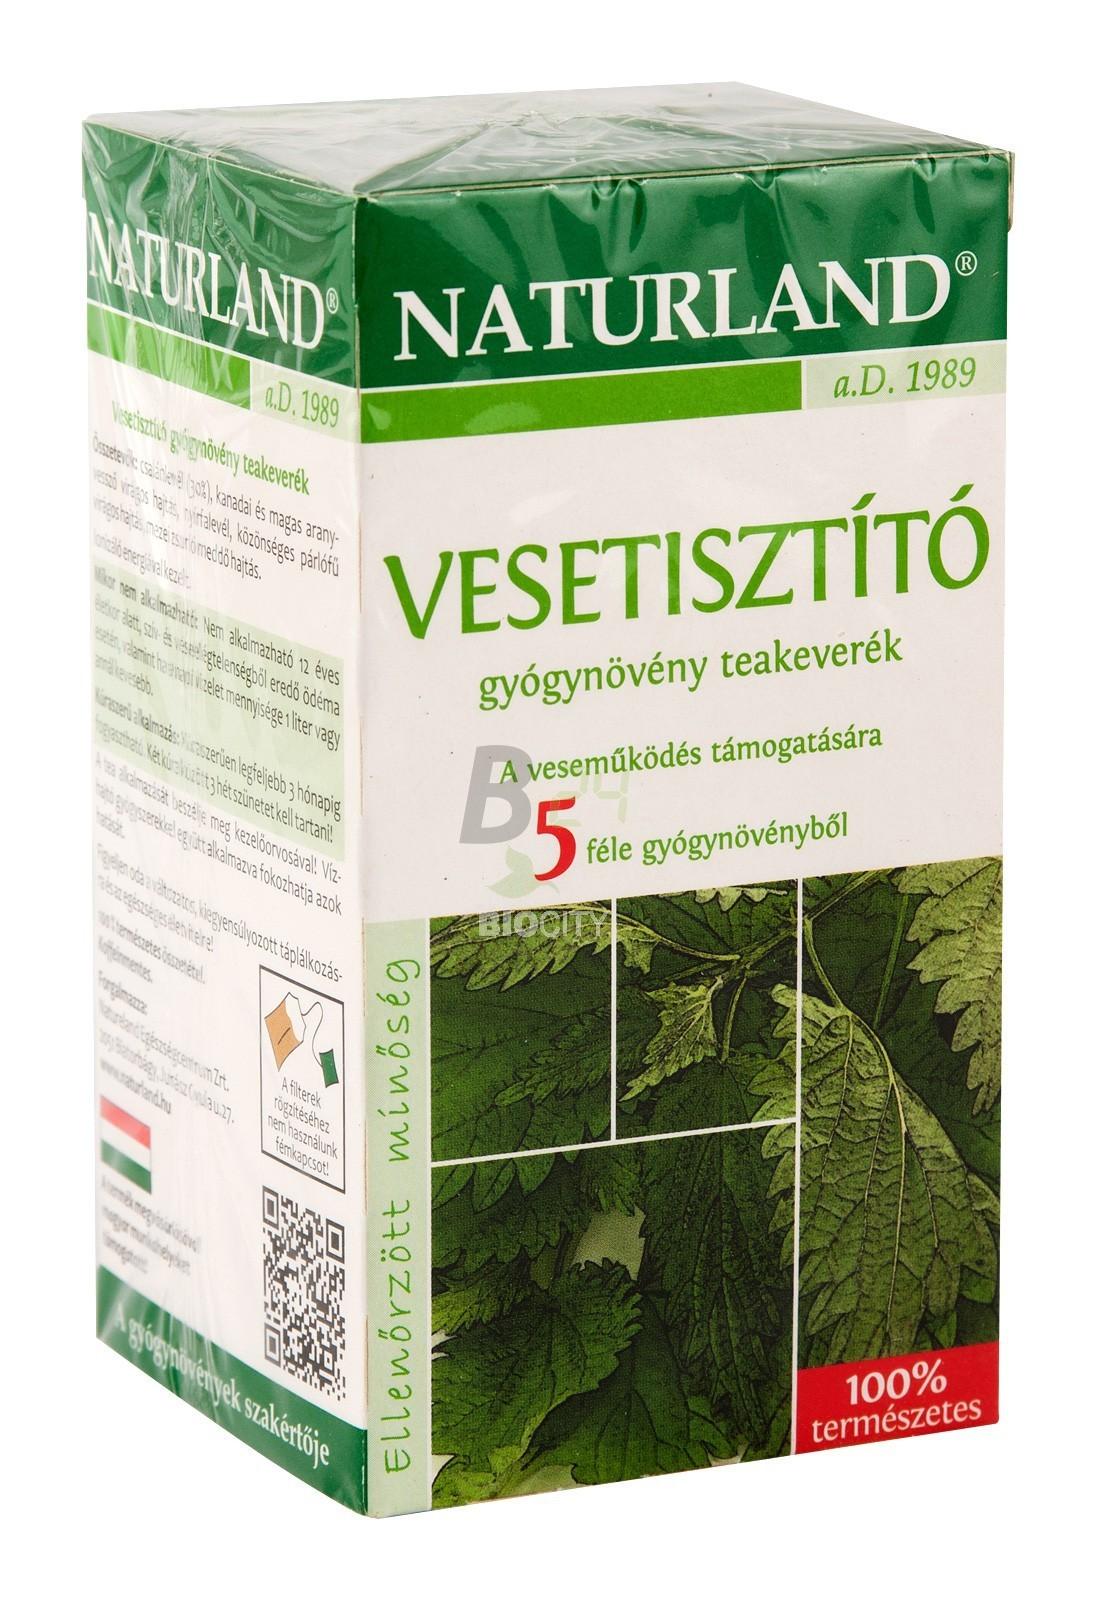 Naturland vesetisztító tea 20 filteres (20 filter) ML062557-13-5